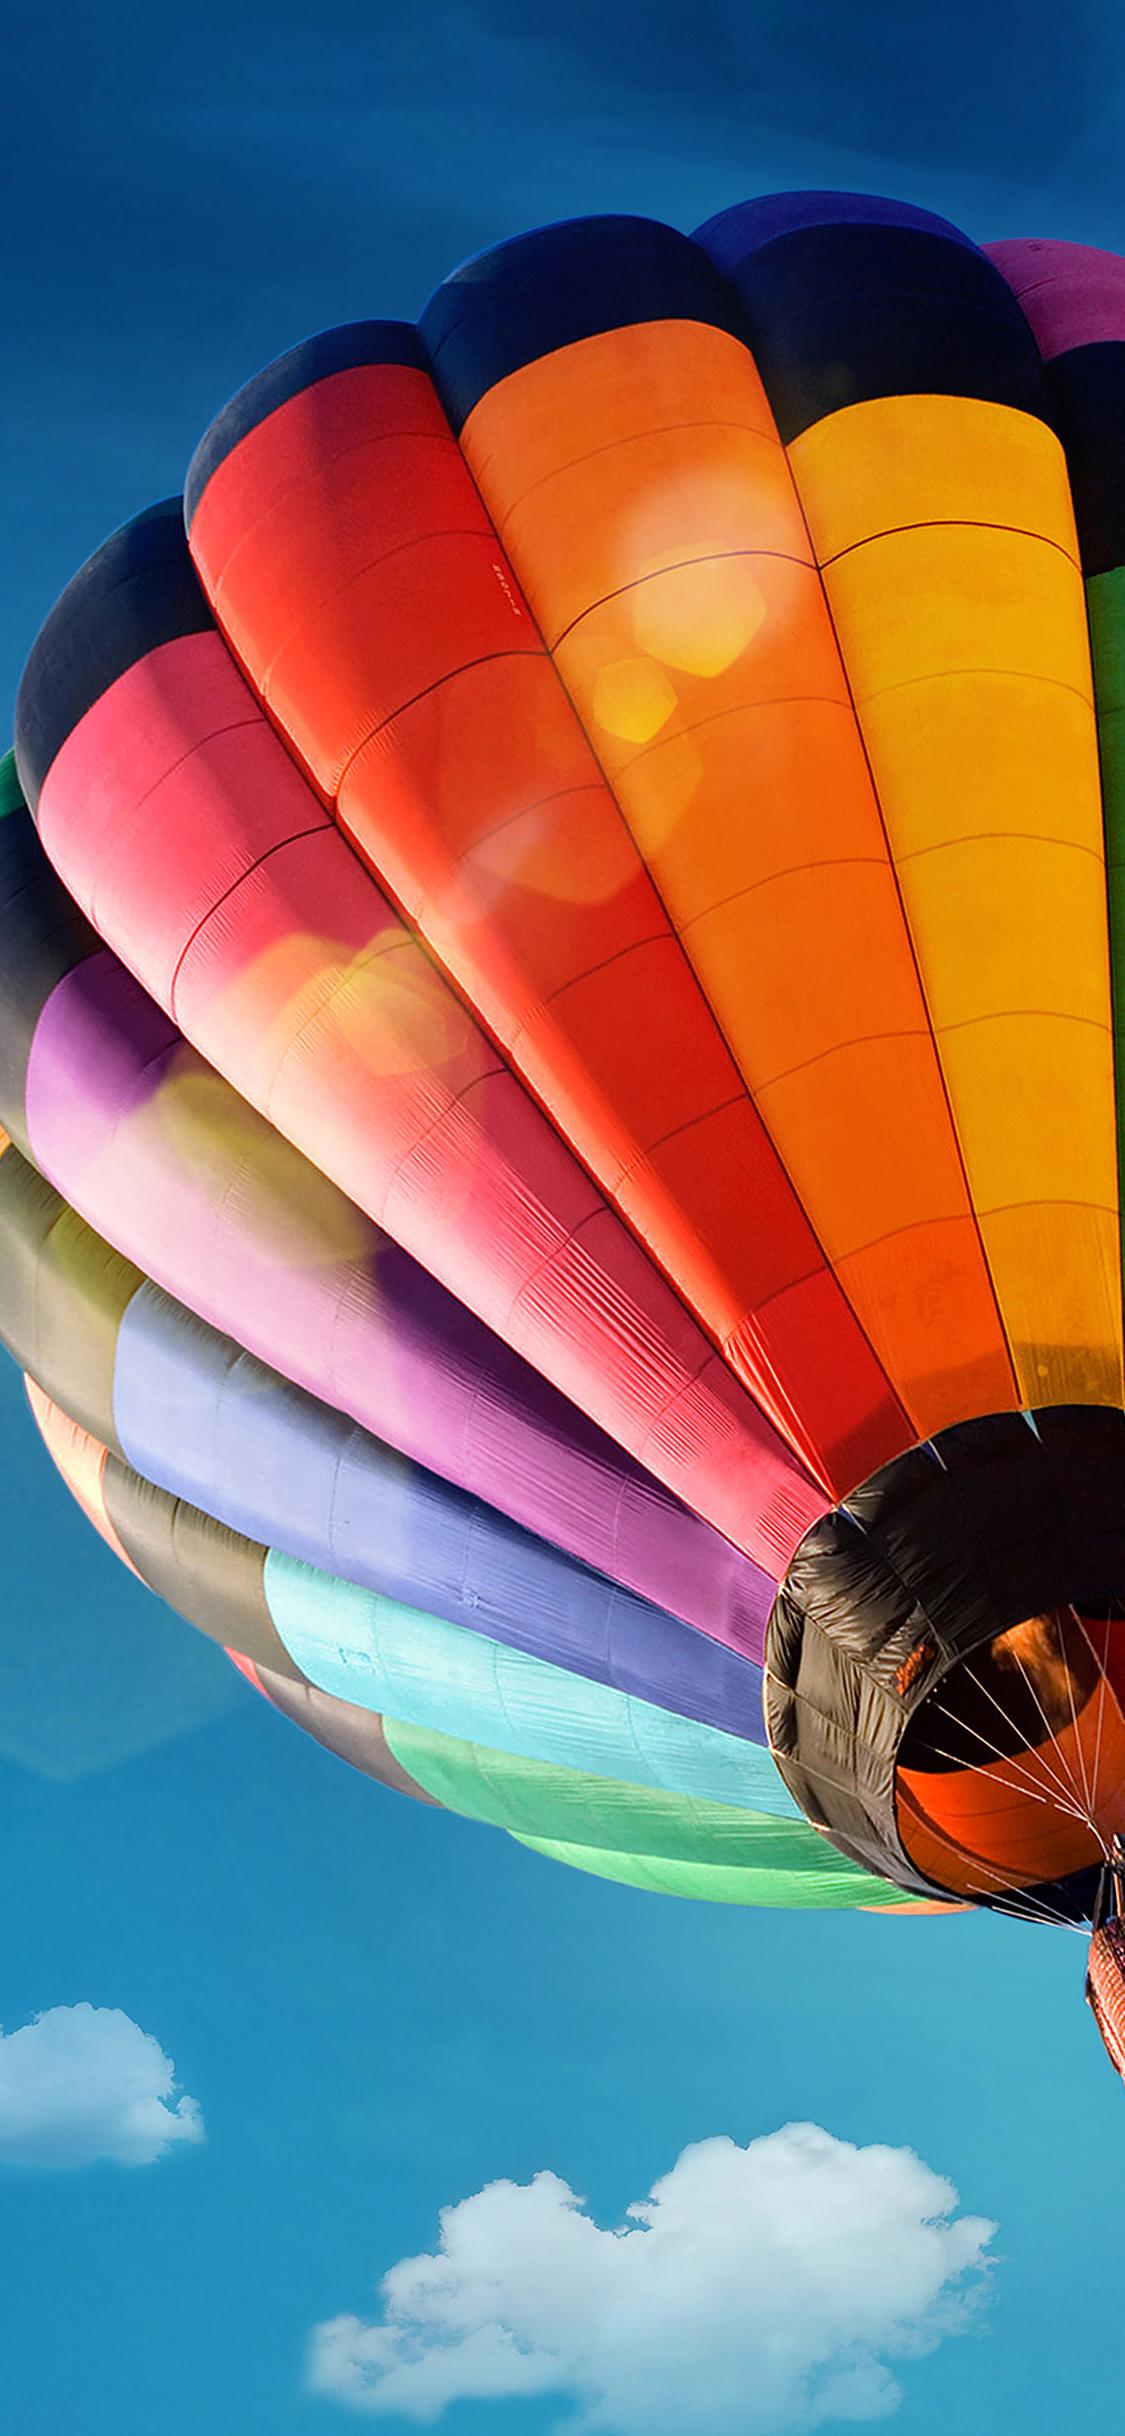 mc17-wallpaper-baloon-pretty-sky-wallpaper